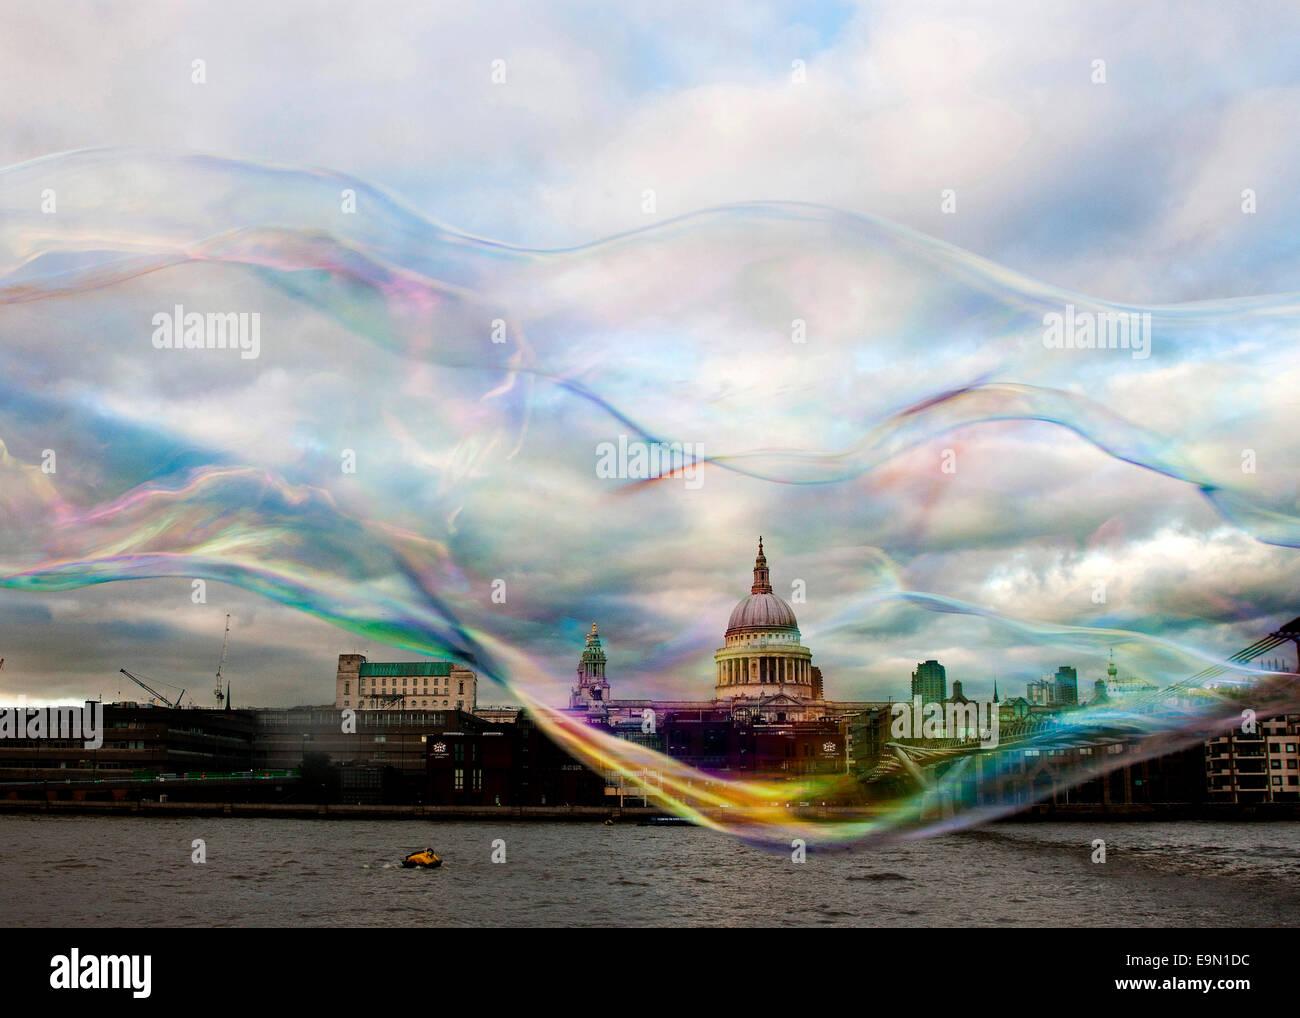 Una visión abstracta de la Catedral de San Pablo Londres en una burbuja Imagen De Stock